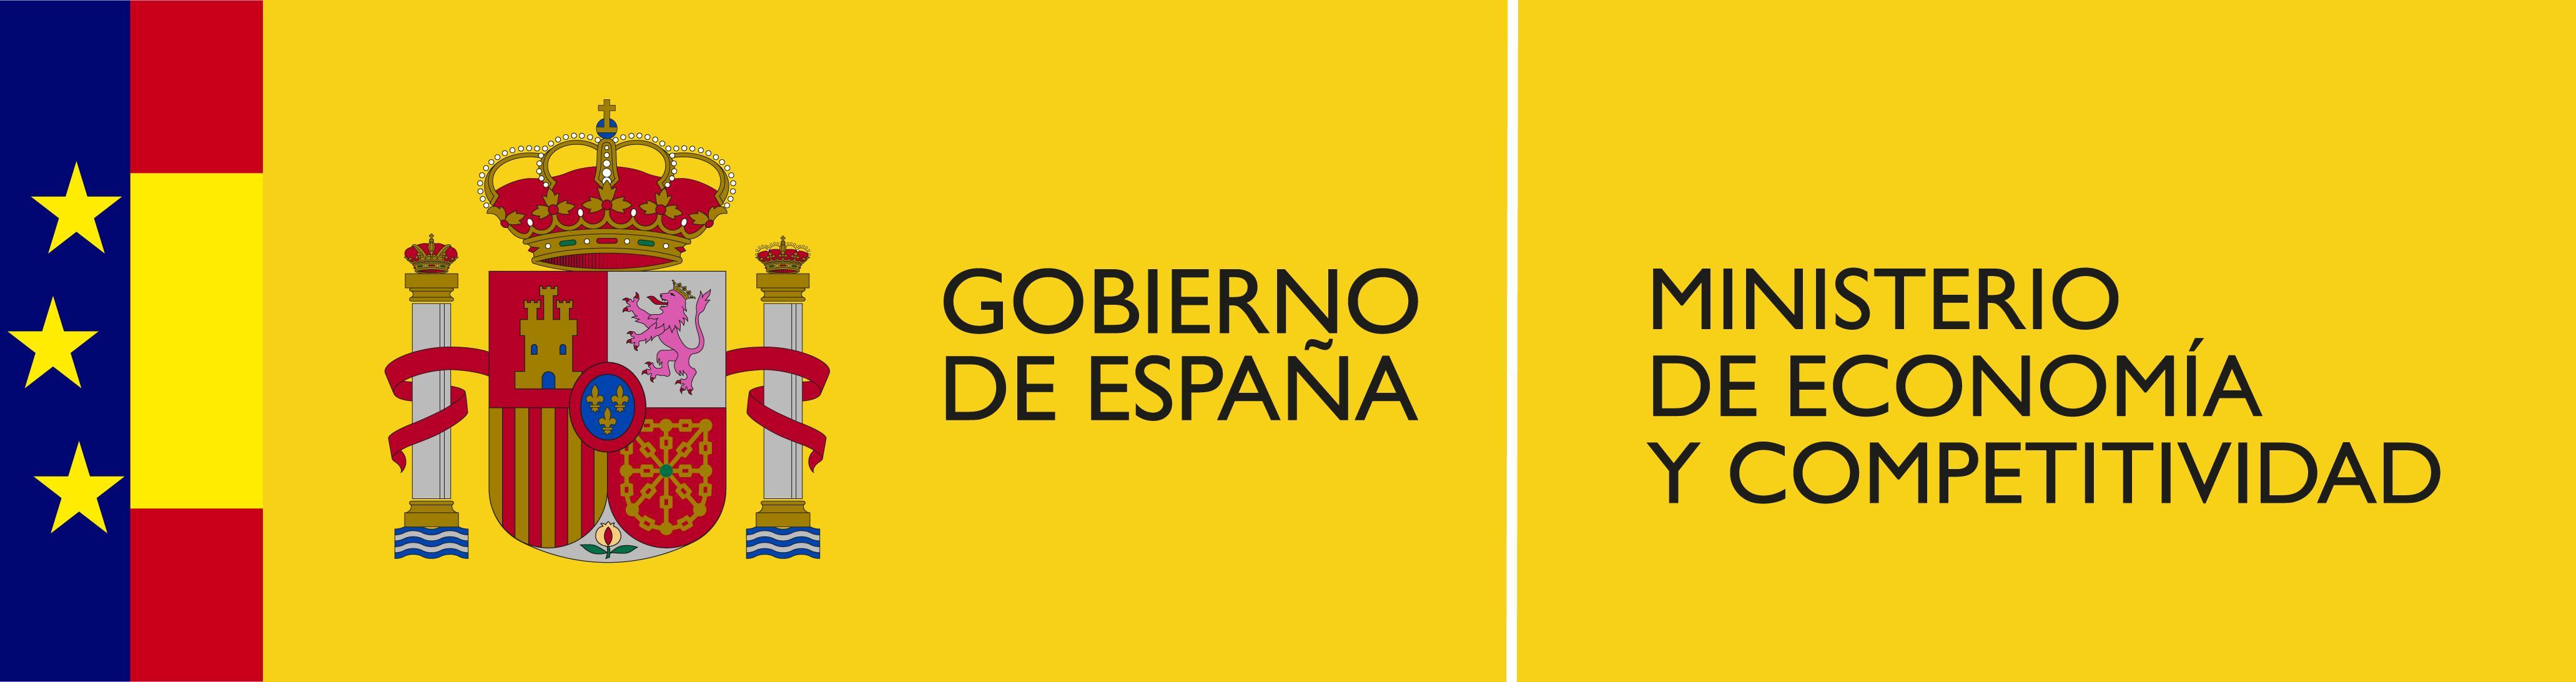 Asesoría de empresas Abogados Pontevedra Subvenciones